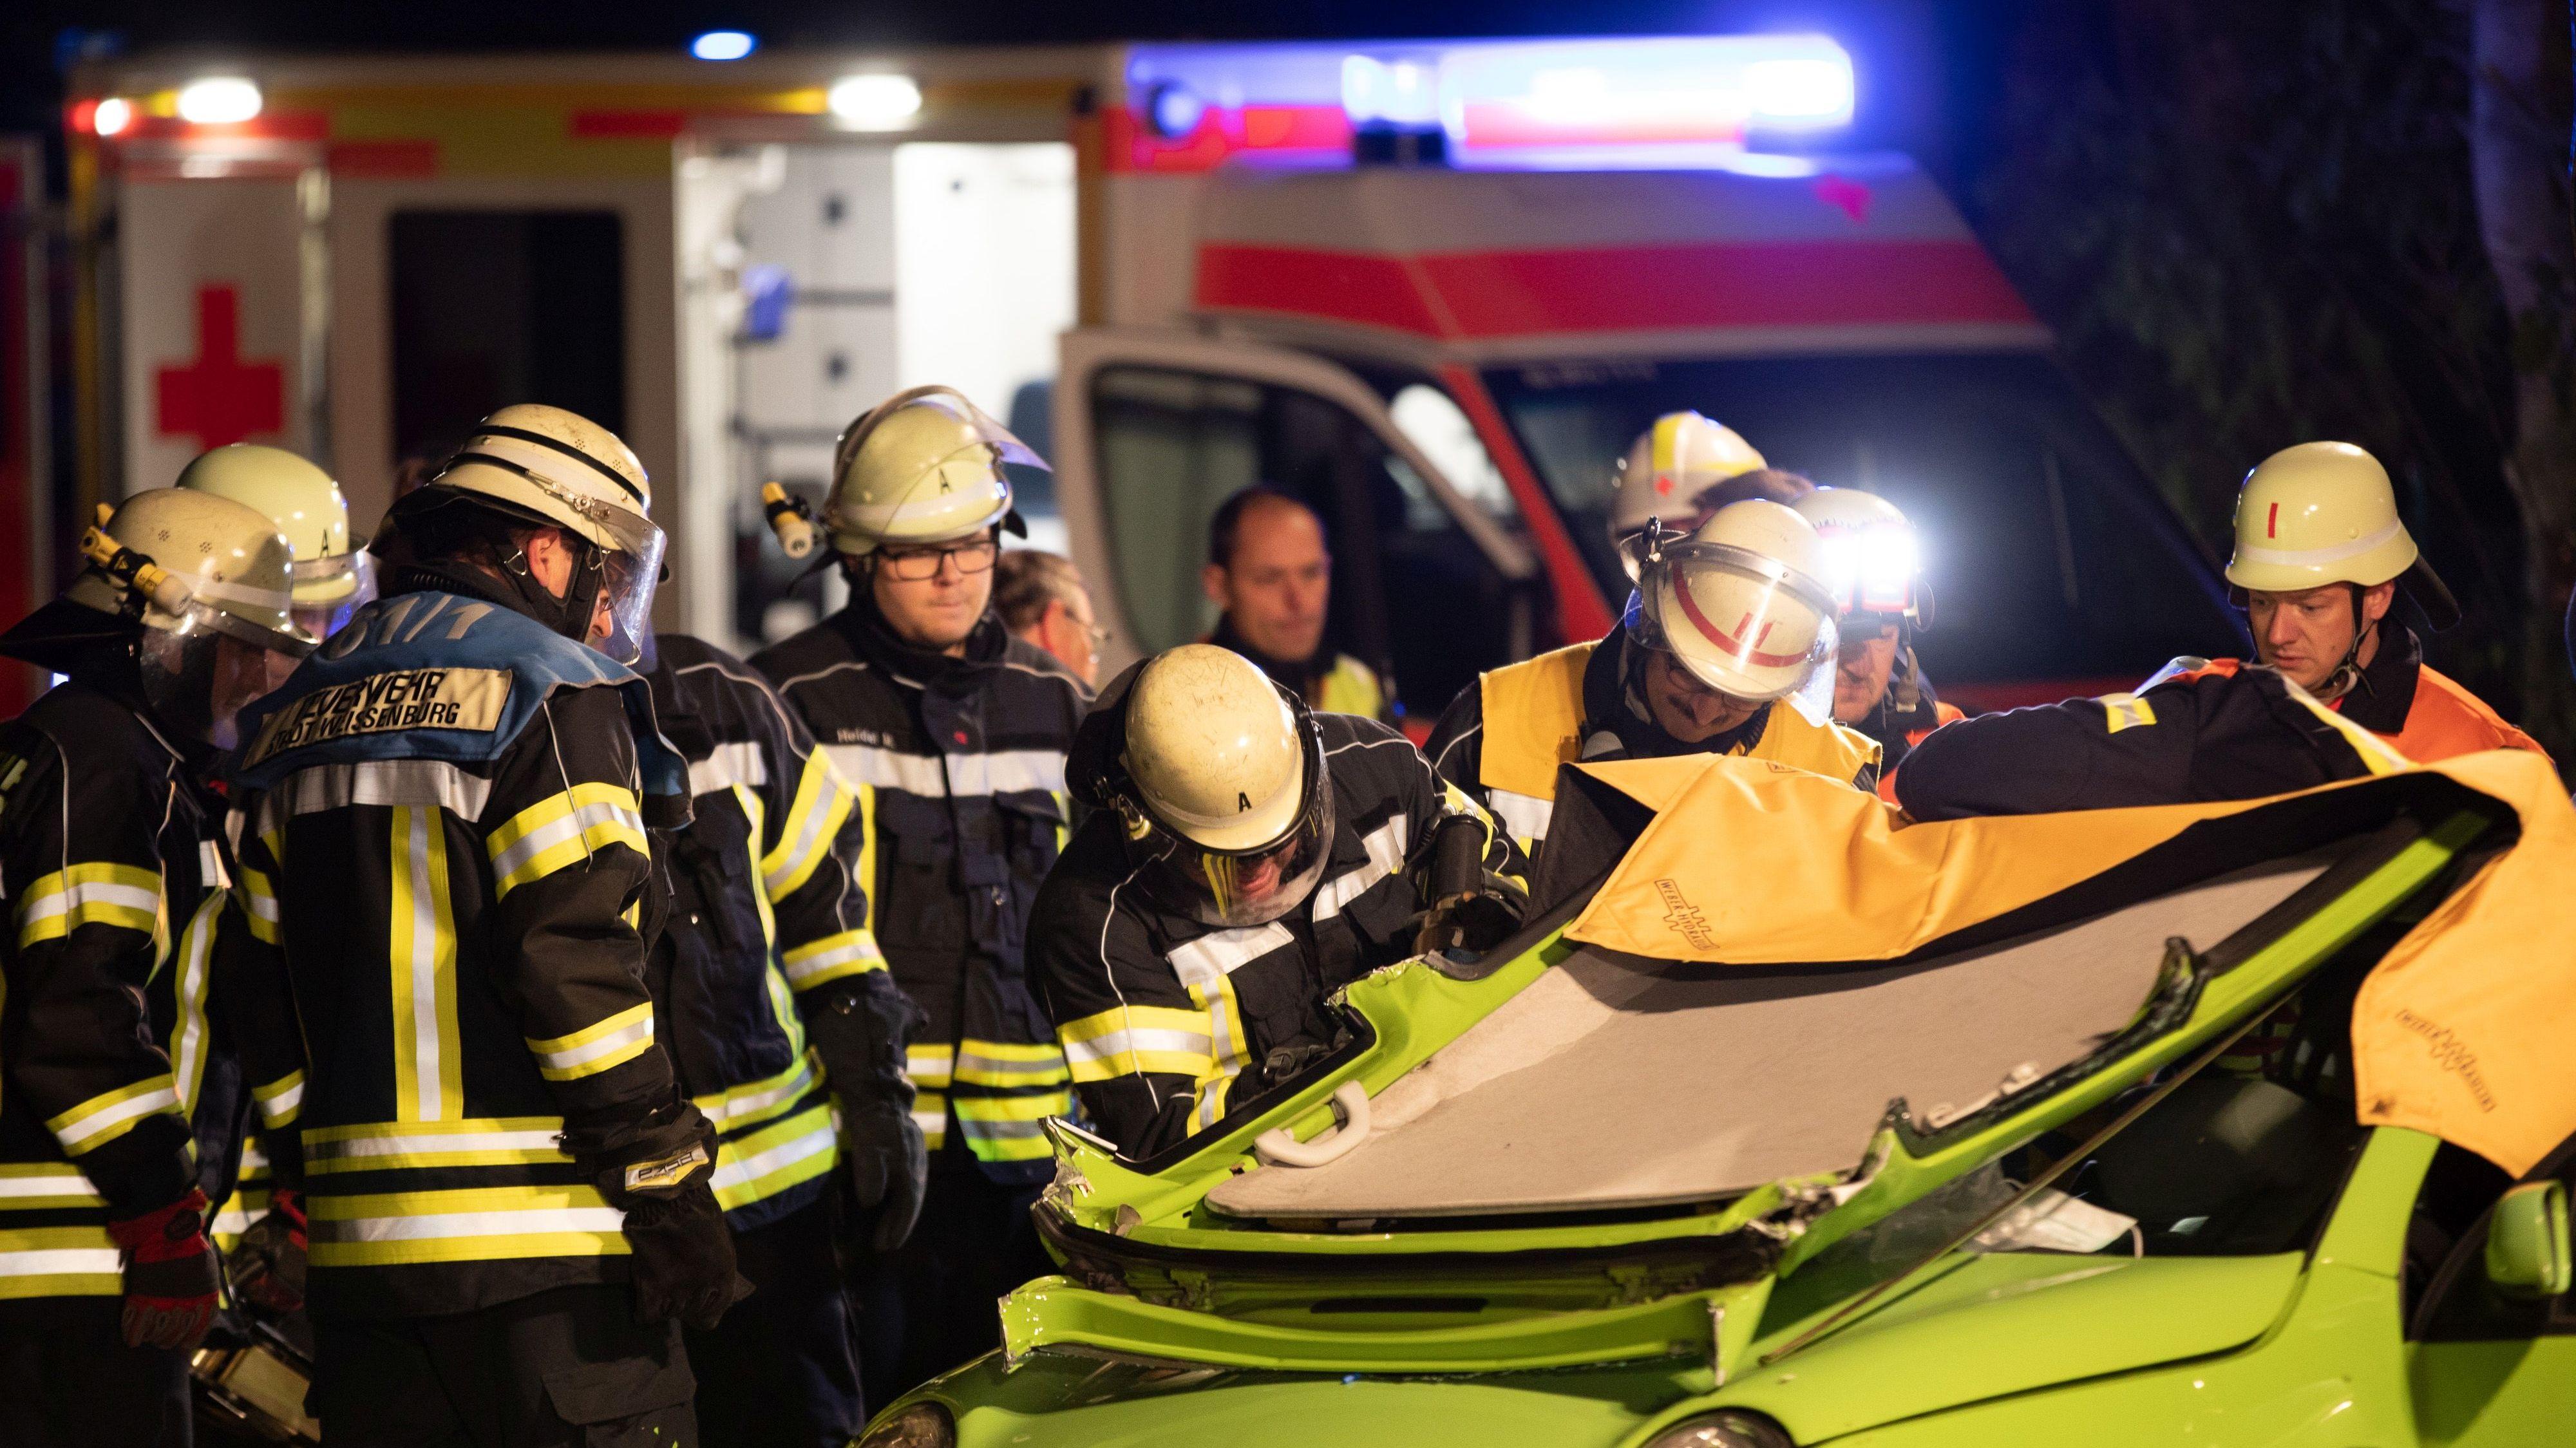 Mehrere Feuerwehrleute arbeiten an einem zerstörten Kleinwagen